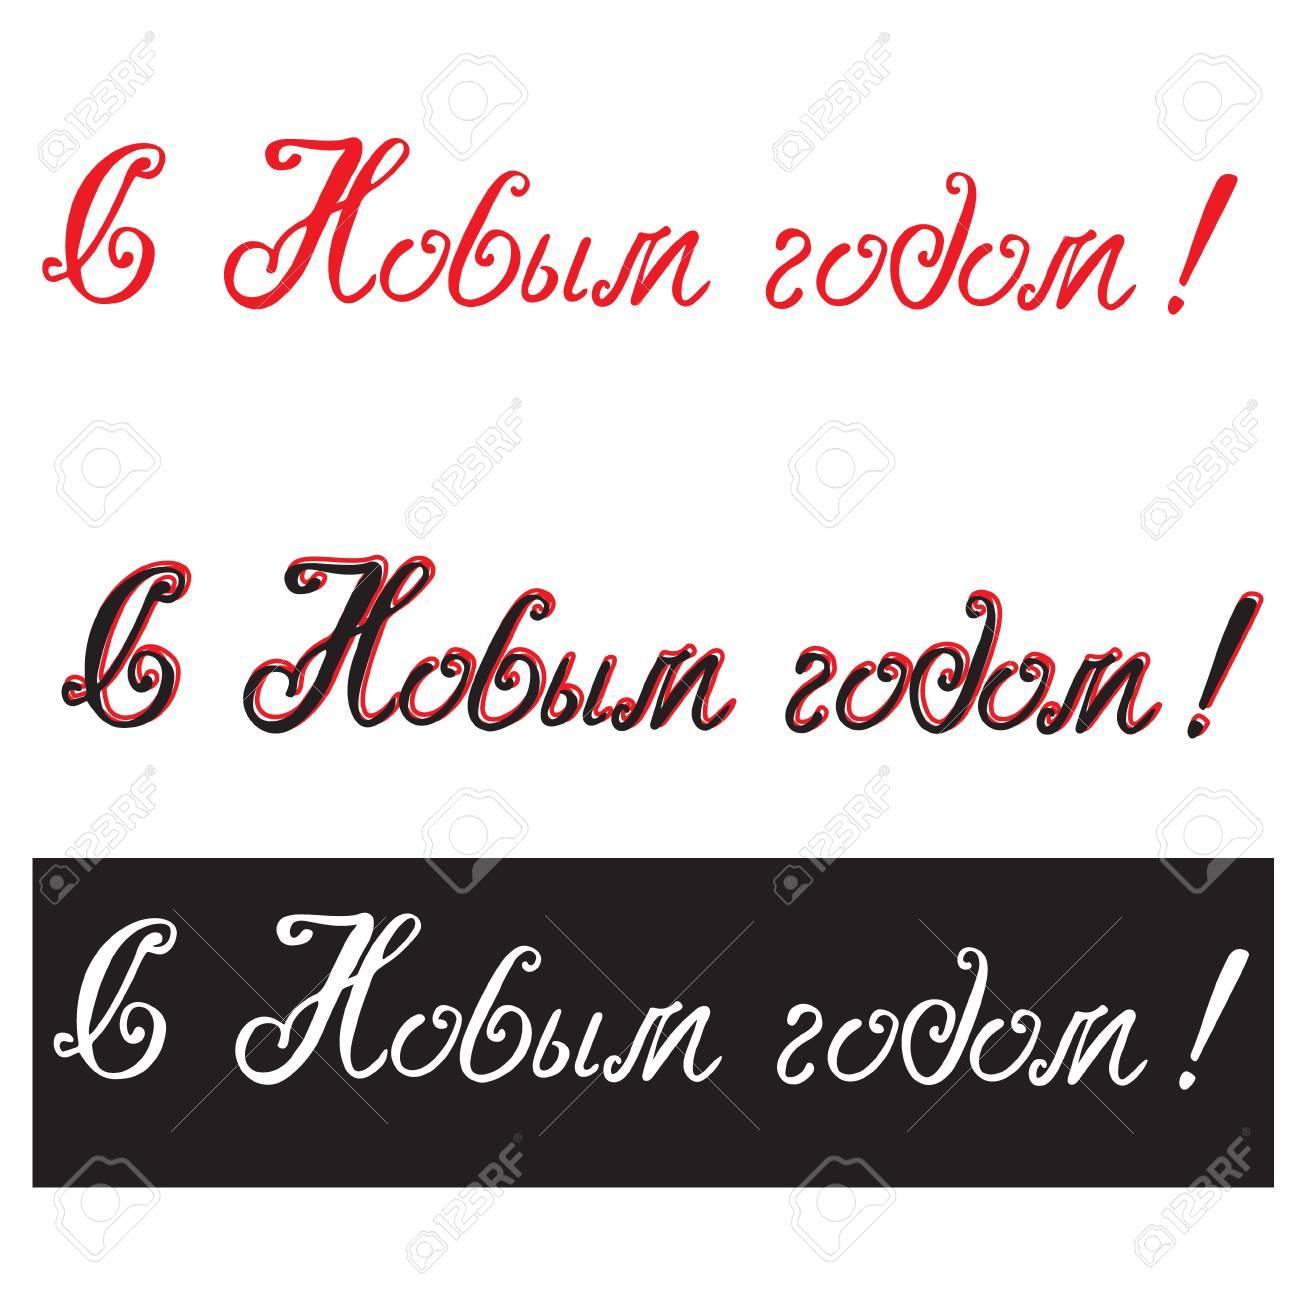 Letras Con Frase En Idioma Ruso Cálidos Deseos De Felices Fiestas En Cirílico Traducción Al Inglés Feliz Año Nuevo